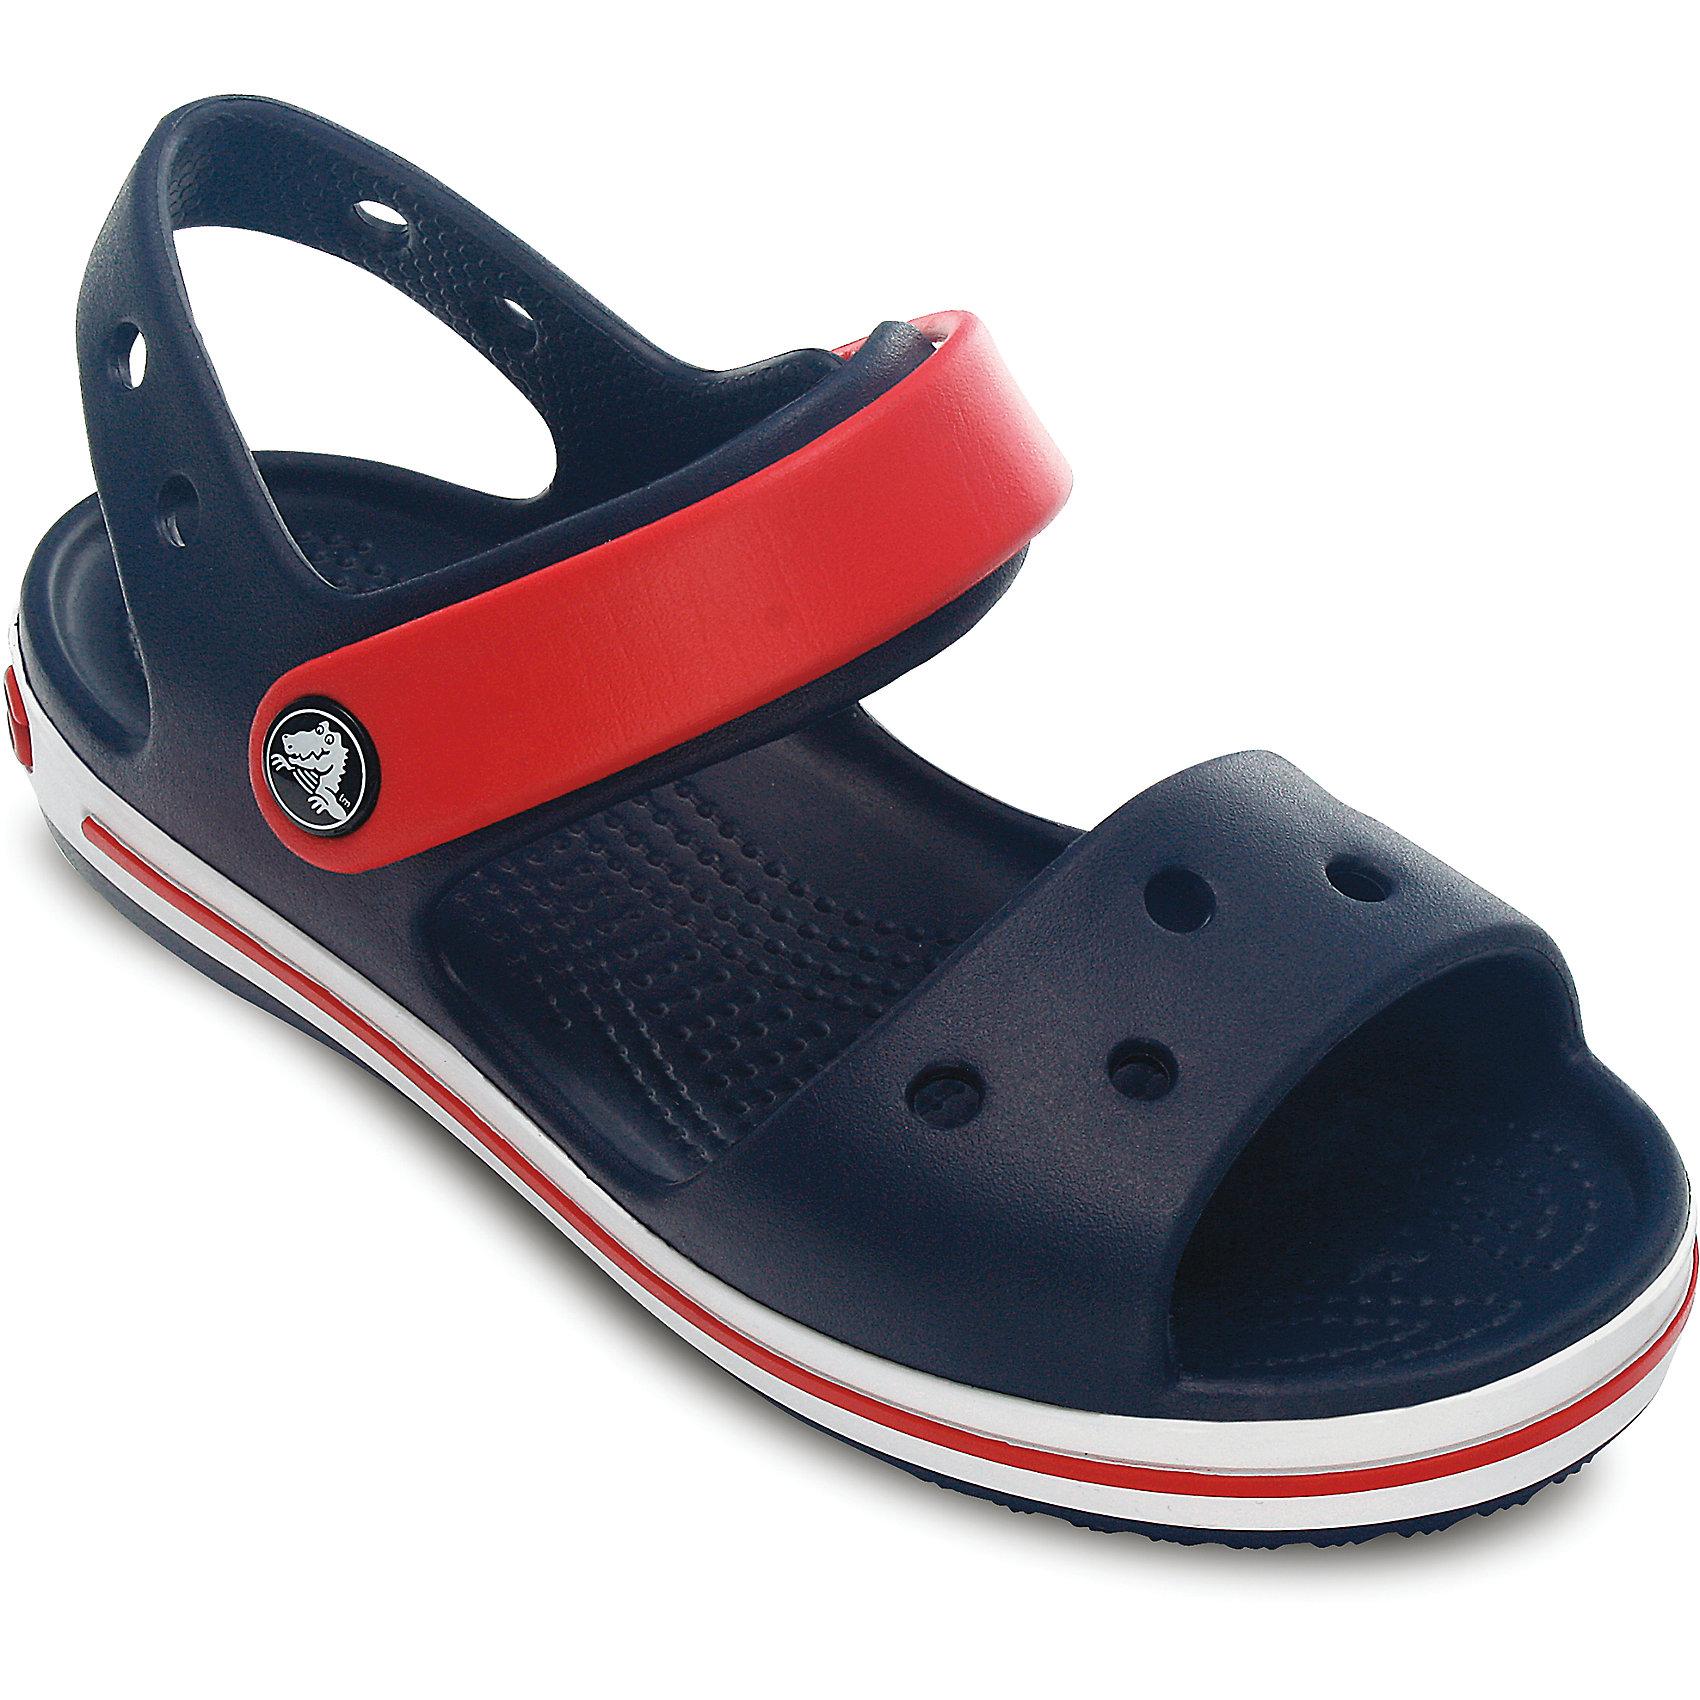 Сандалии Crocband™ Sandal Kids Crocs, синийСандалии<br>Характеристики товара:<br><br>• цвет: синий<br>• материал: 100% полимер Croslite™<br>• бактериостатичный материал<br>• ремешок фиксирует стопу<br>• антискользящая устойчивая подошва<br>• липучка<br>• анатомическая стелька с массажными точками стимулирует кровообращение<br>• страна бренда: США<br>• страна изготовитель: Китай<br><br>Для правильного развития ребенка крайне важно, чтобы обувь была удобной. <br><br>Такие сандалии обеспечивают детям необходимый комфорт, а анатомическая стелька с массажными линиями для стимуляции кровообращения позволяет ножкам дольше не уставать. <br><br>Сандалии легко надеваются и снимаются, отлично сидят на ноге. <br><br>Материал препятствует образованию неприятного запаха и появлению болезней стоп. <br><br>Продукция Crocs - это качественные товары, созданные с применением новейших технологий. <br><br>Изделие производится из качественных и проверенных материалов, которые безопасны для детей.<br><br>Сандалии от торговой марки Crocs можно купить в нашем интернет-магазине.<br><br>Ширина мм: 219<br>Глубина мм: 154<br>Высота мм: 121<br>Вес г: 343<br>Цвет: синий<br>Возраст от месяцев: 18<br>Возраст до месяцев: 21<br>Пол: Унисекс<br>Возраст: Детский<br>Размер: 23,34/35,31,30,21,26,34,33,29,28,27,25,24,22,31/32,33/34<br>SKU: 4033682